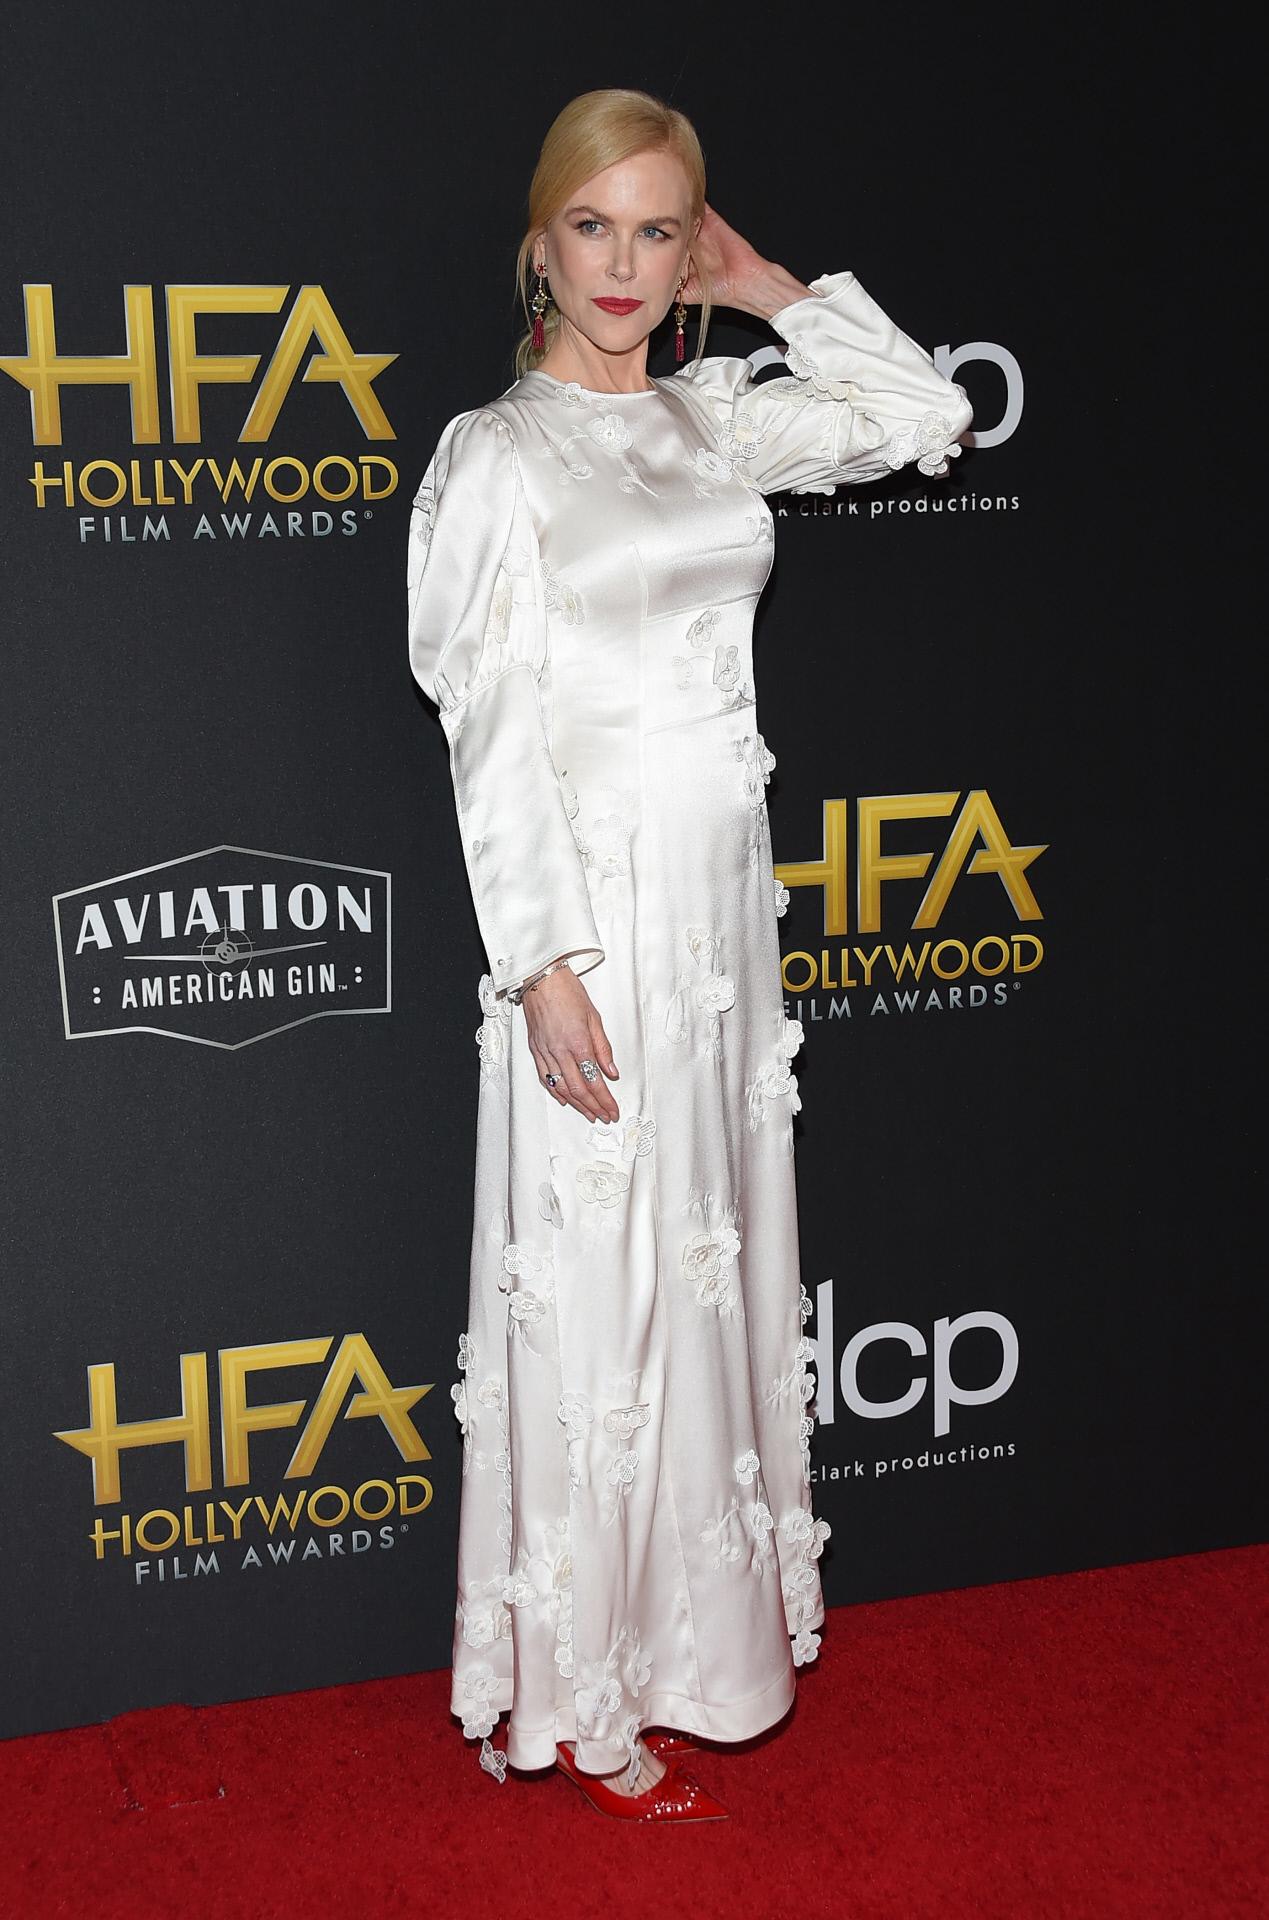 Nicole Kidman con vestido de Loewe p/v para asistir a los Hollywood Film Awards en California